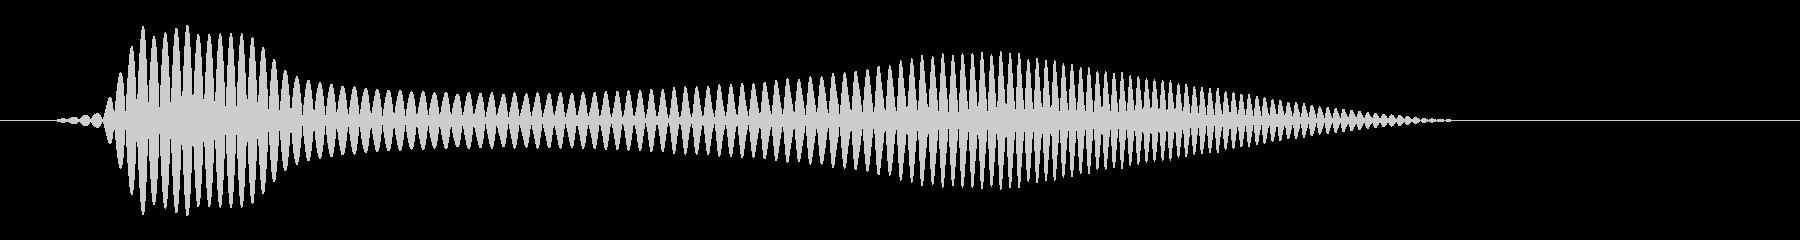 ポワン(ゲームの接触音)の未再生の波形